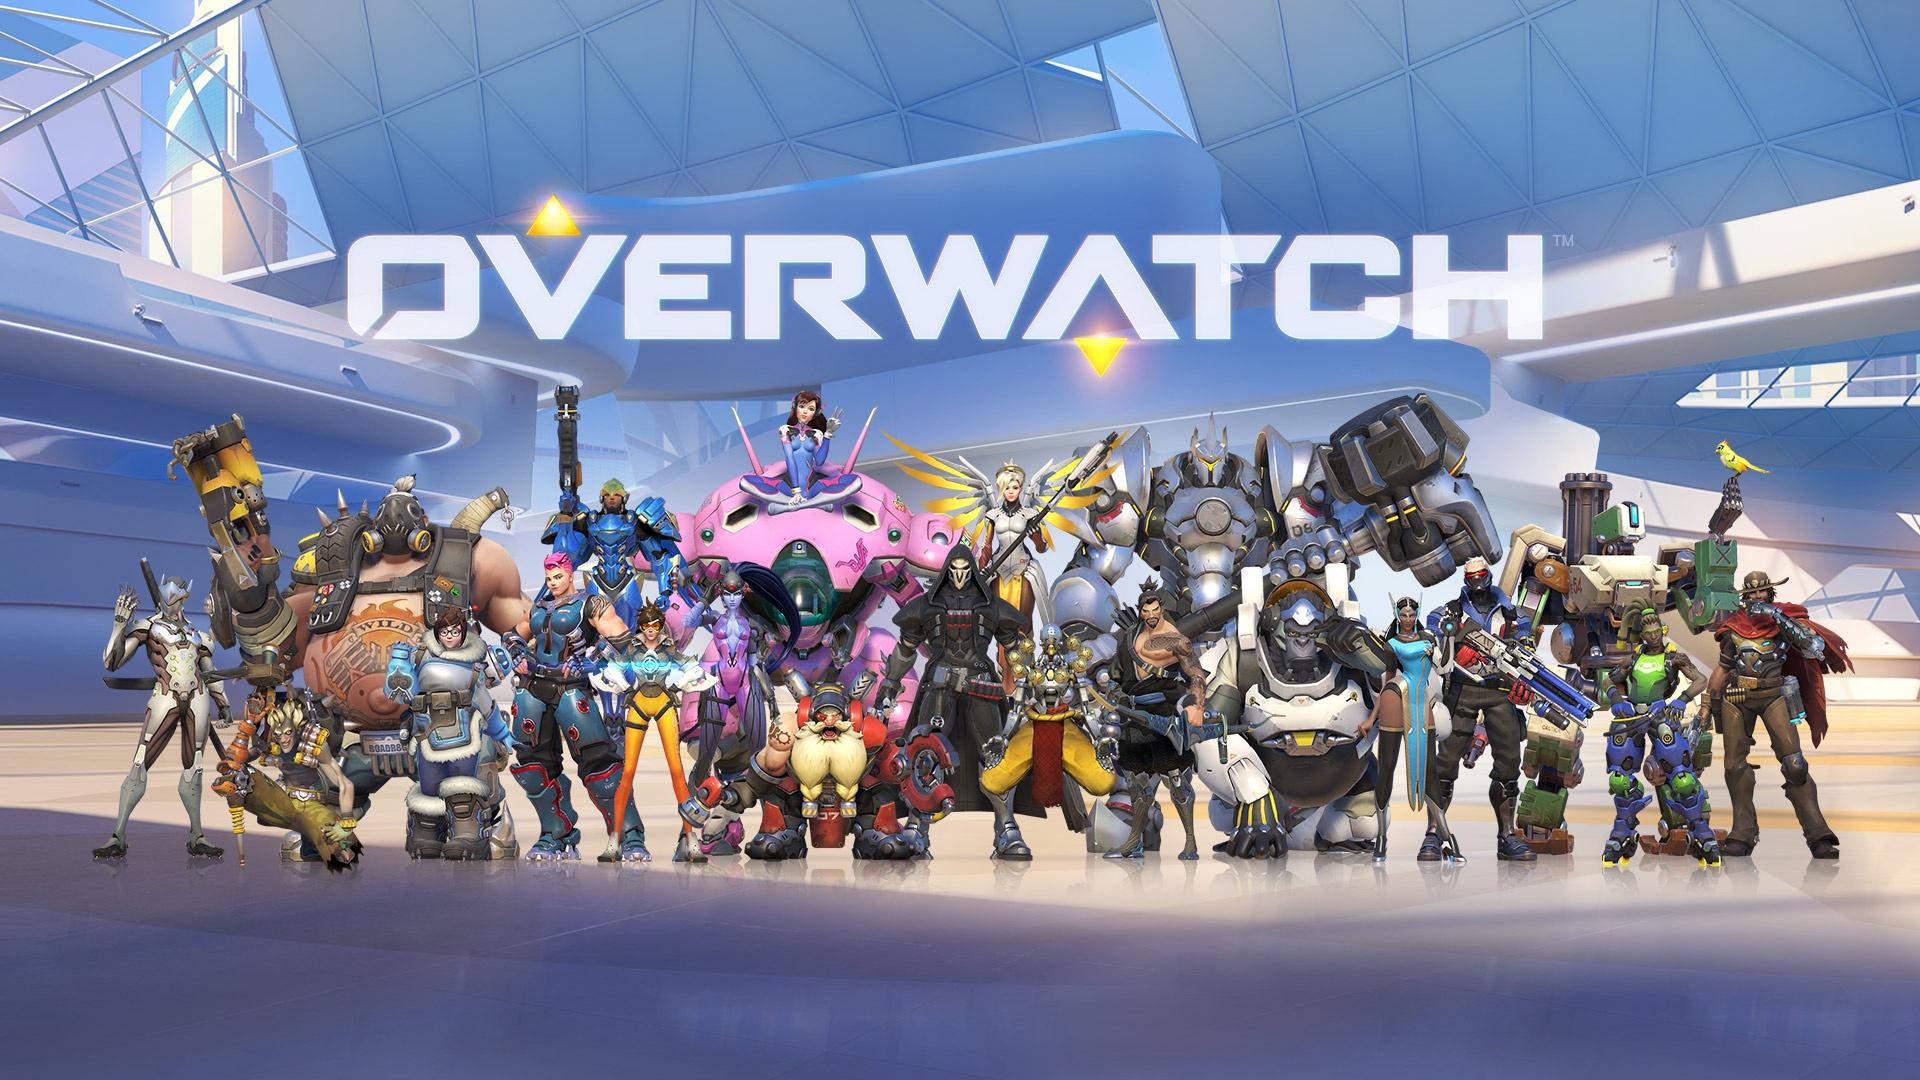 overwatch-all-heroes-wallpaper-hd.jpg